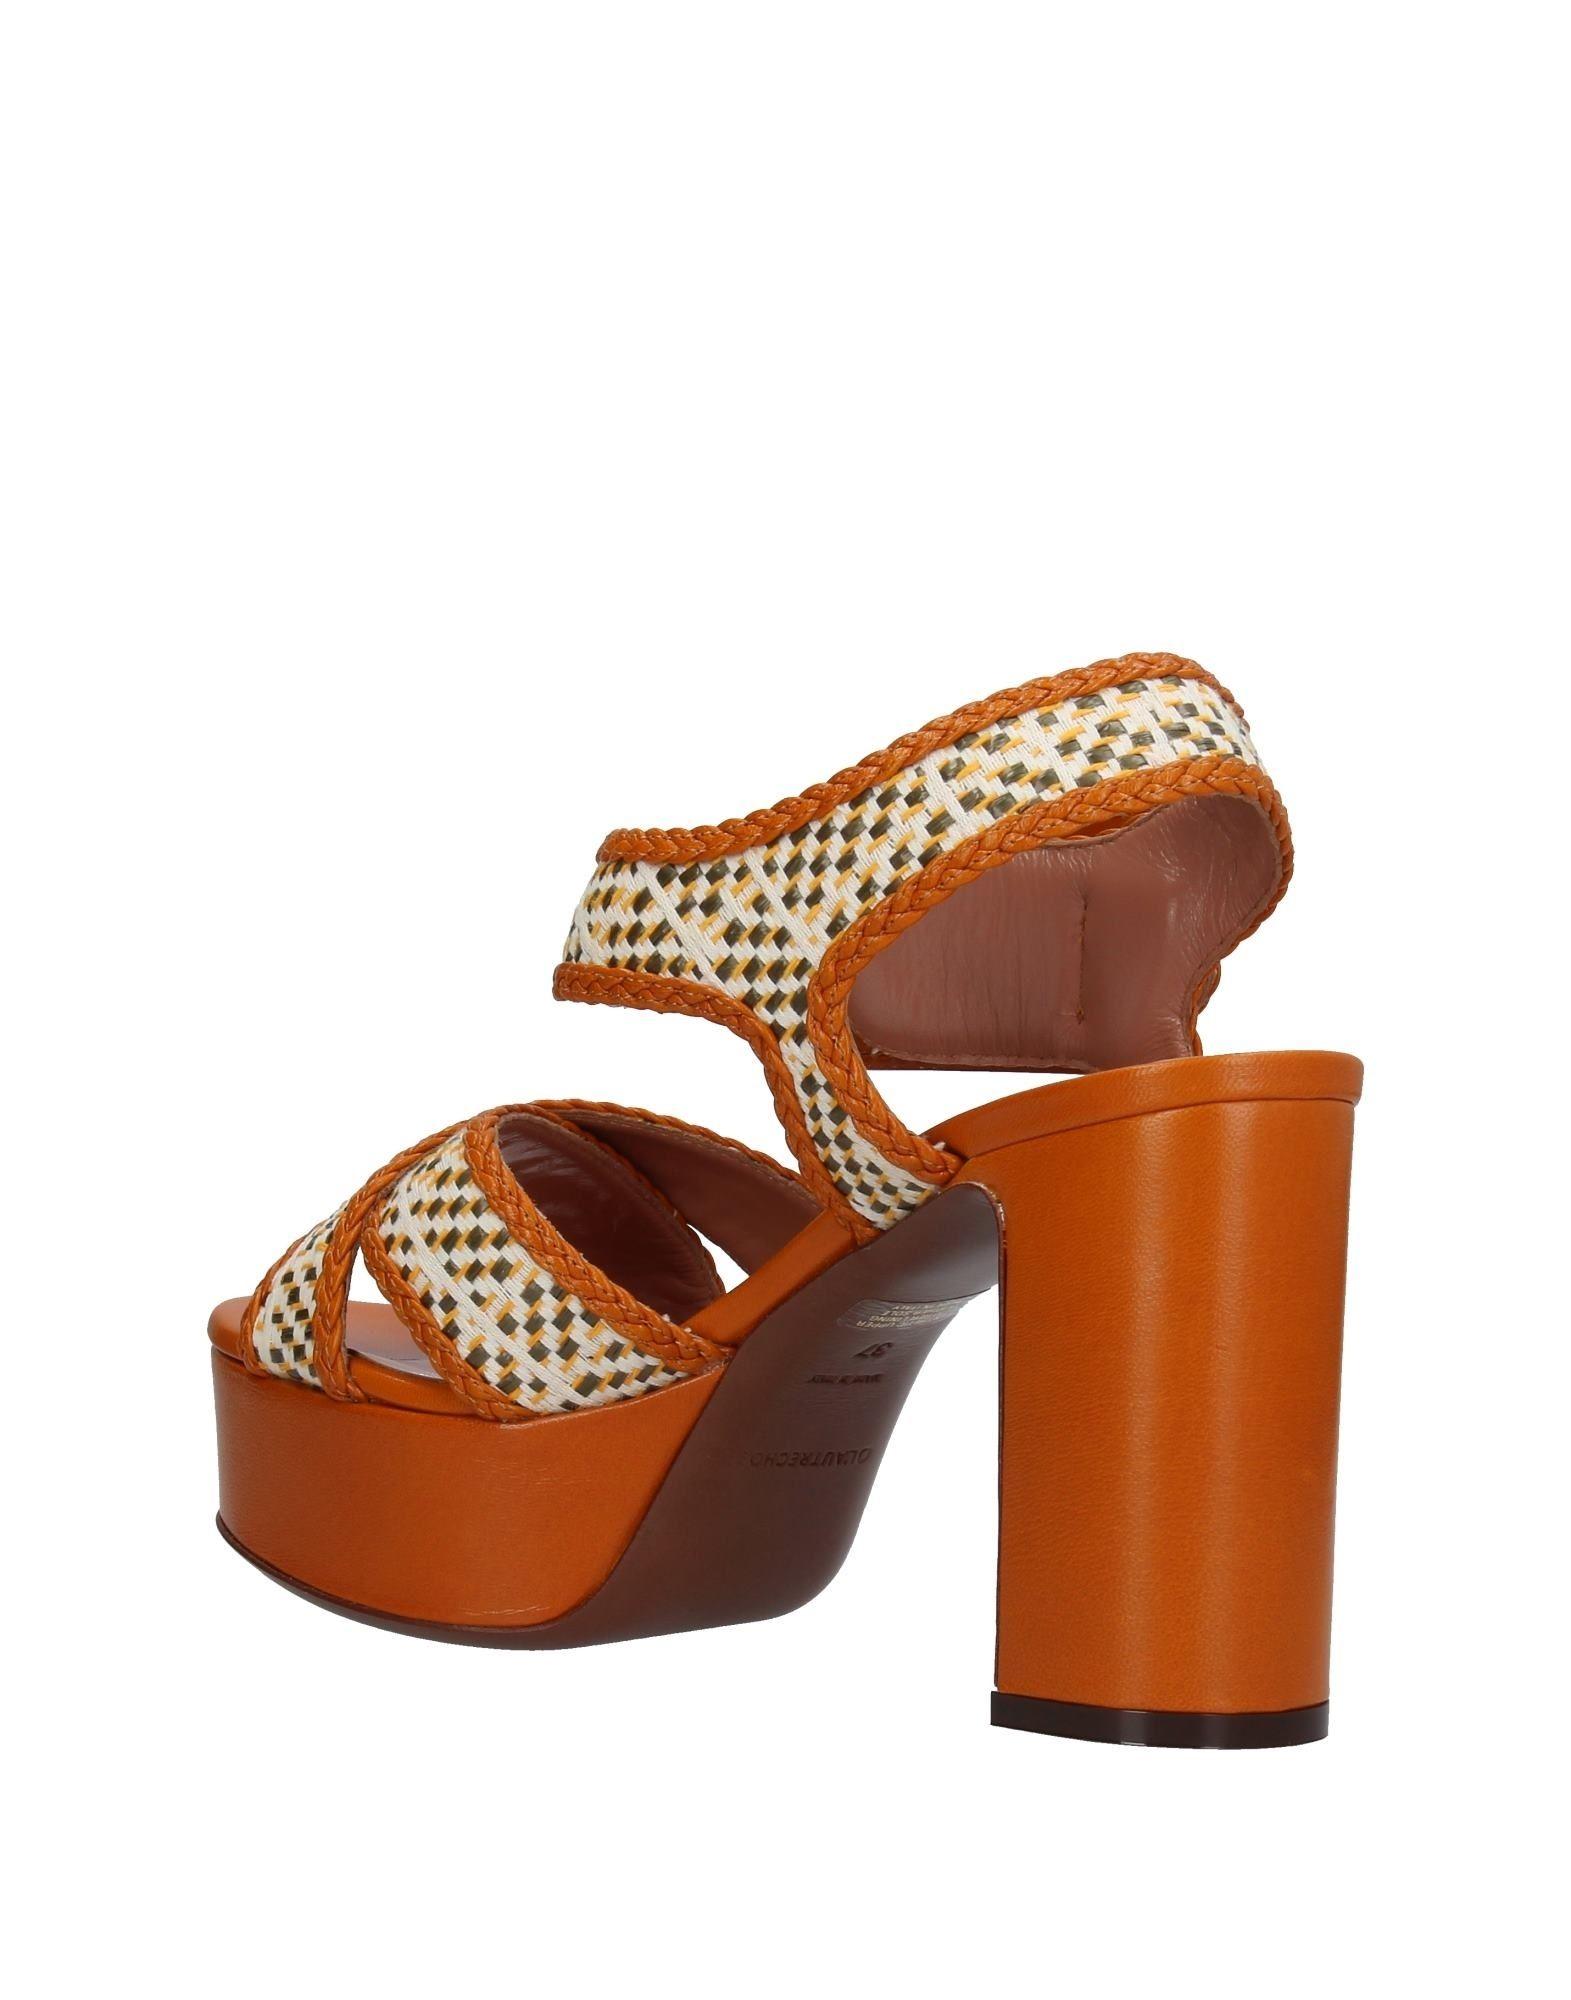 L' Autre Schuhe Chose Sandalen Damen  11381478QB Neue Schuhe Autre 3a1400